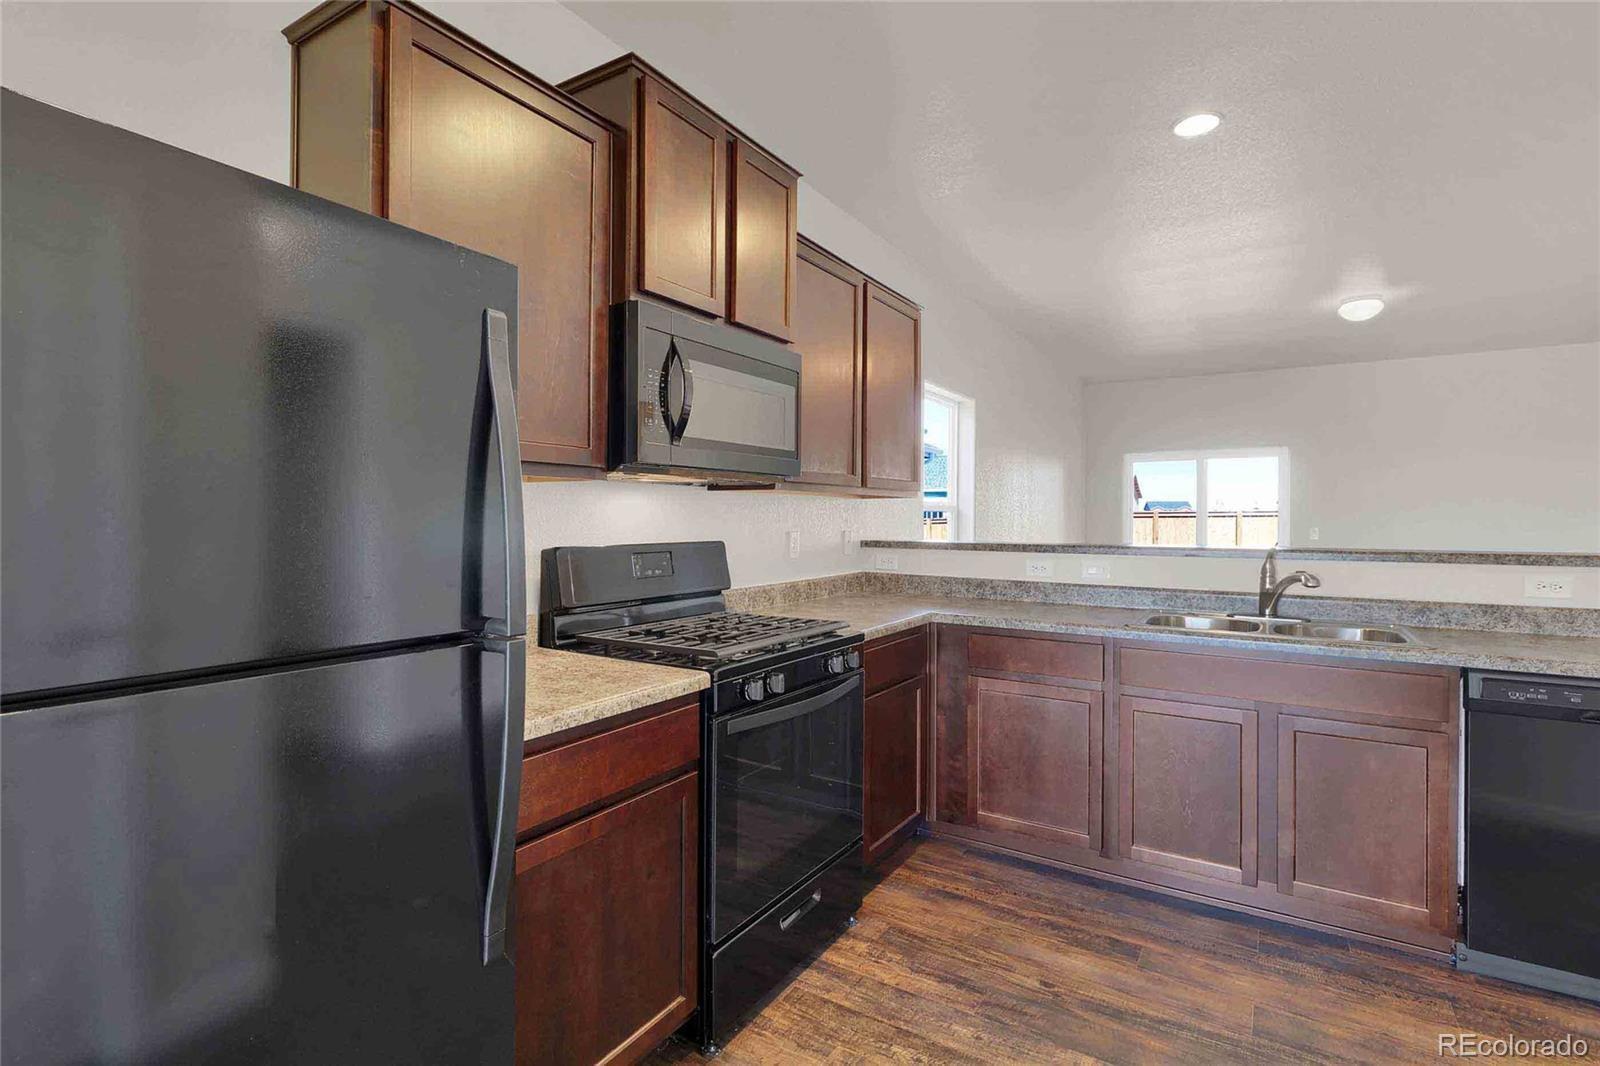 MLS# 9232644 - 3 - 47352 Lilac Avenue, Bennett, CO 80102